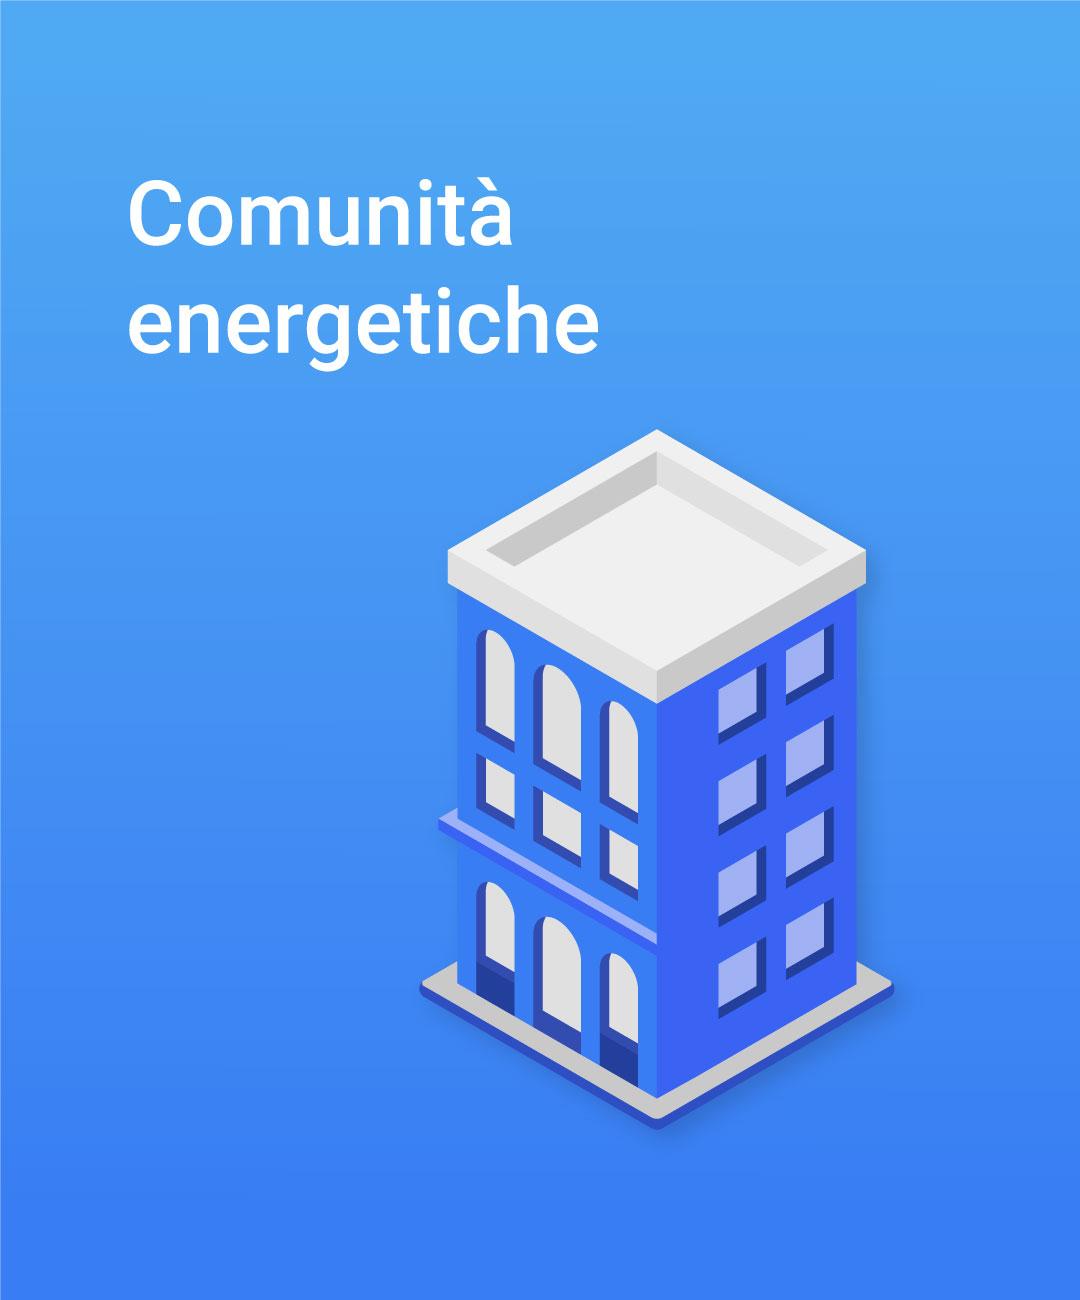 comunita-energetiche-energia-sostenibile